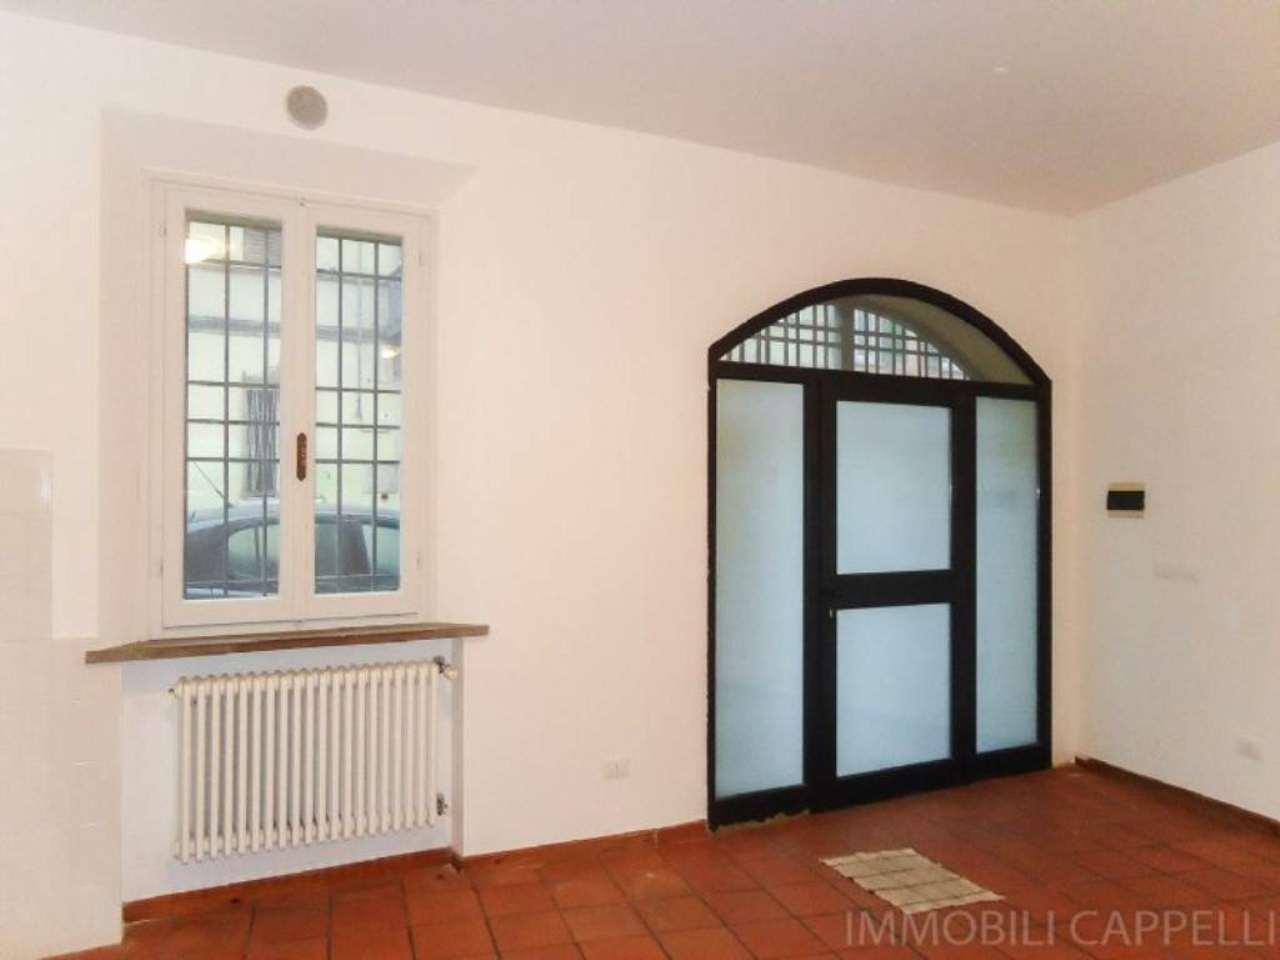 Appartamento in vendita a Cesena, 3 locali, prezzo € 119.000 | CambioCasa.it